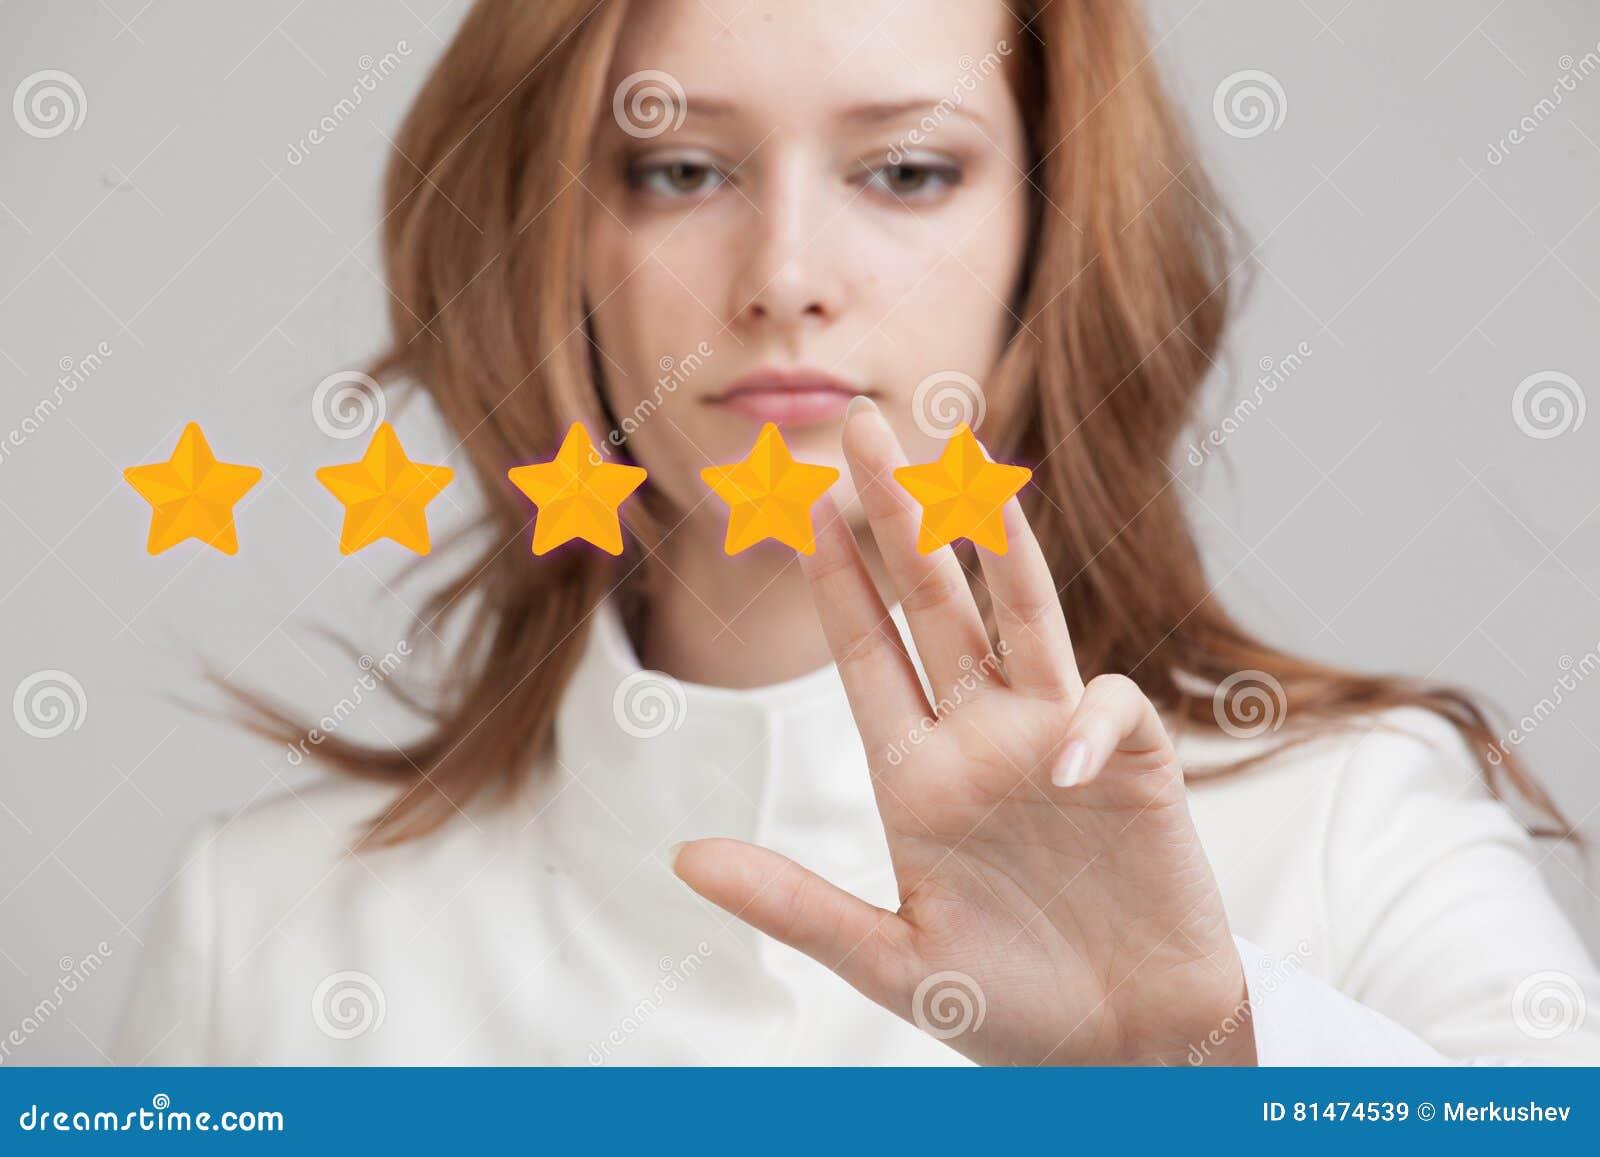 五个星规定值或等级,基准点概念 妇女估计服务,旅馆,餐馆